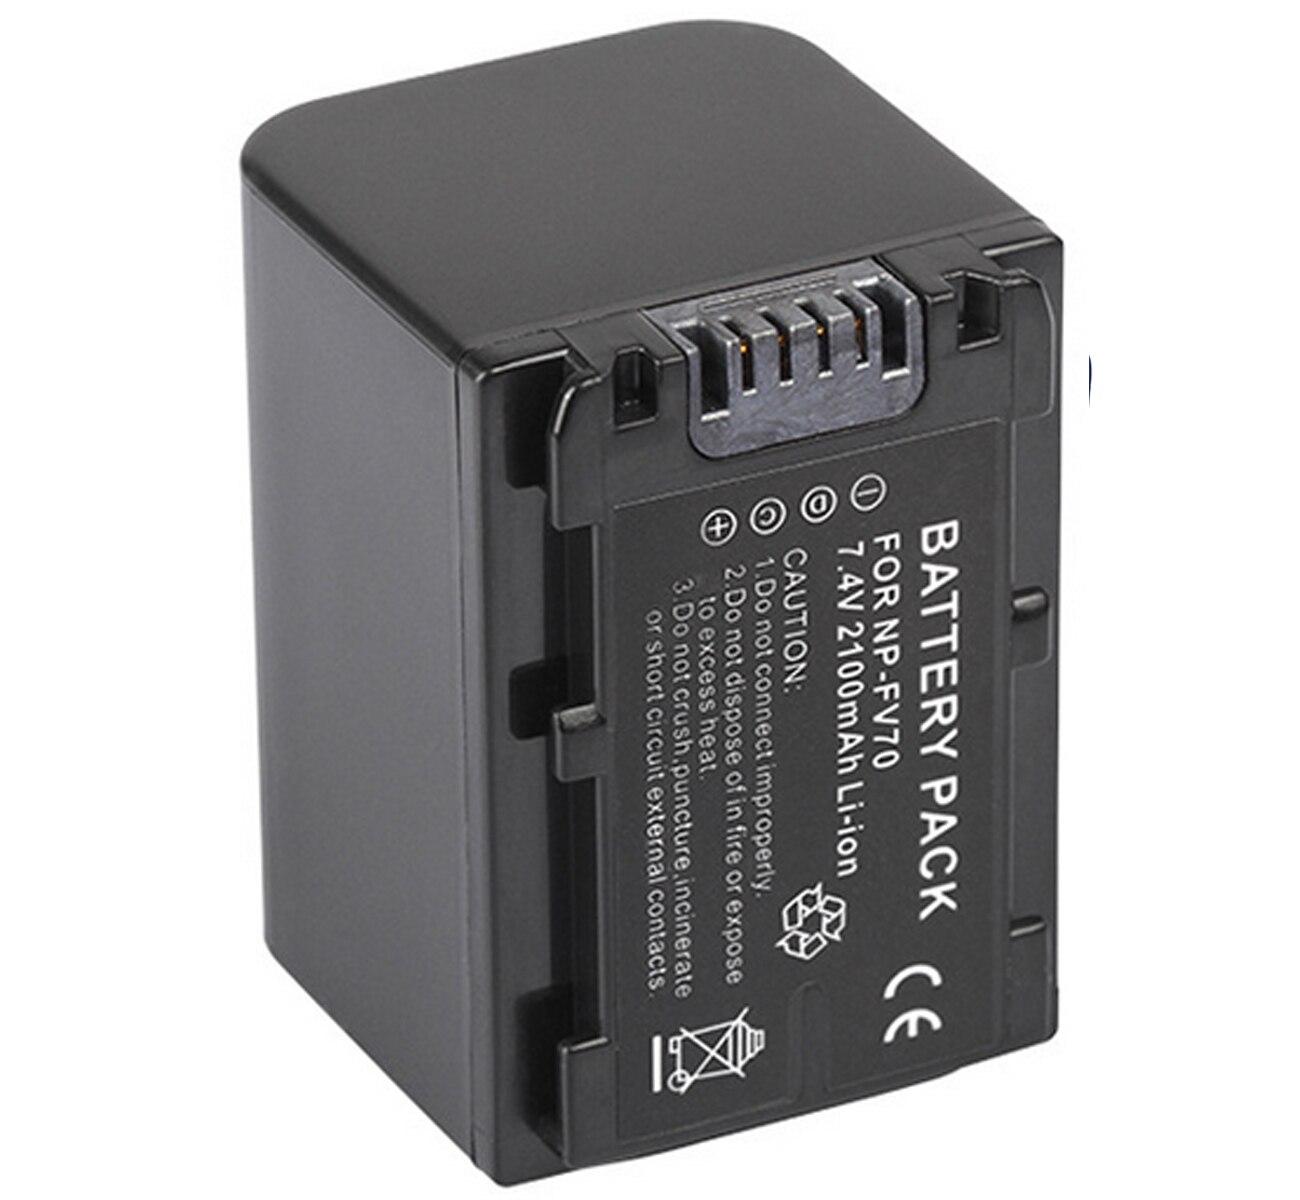 Battery Pack for Sony DCR-PJ5 DCR-PJ6 HDR-PJ10 Handycam Camcorder